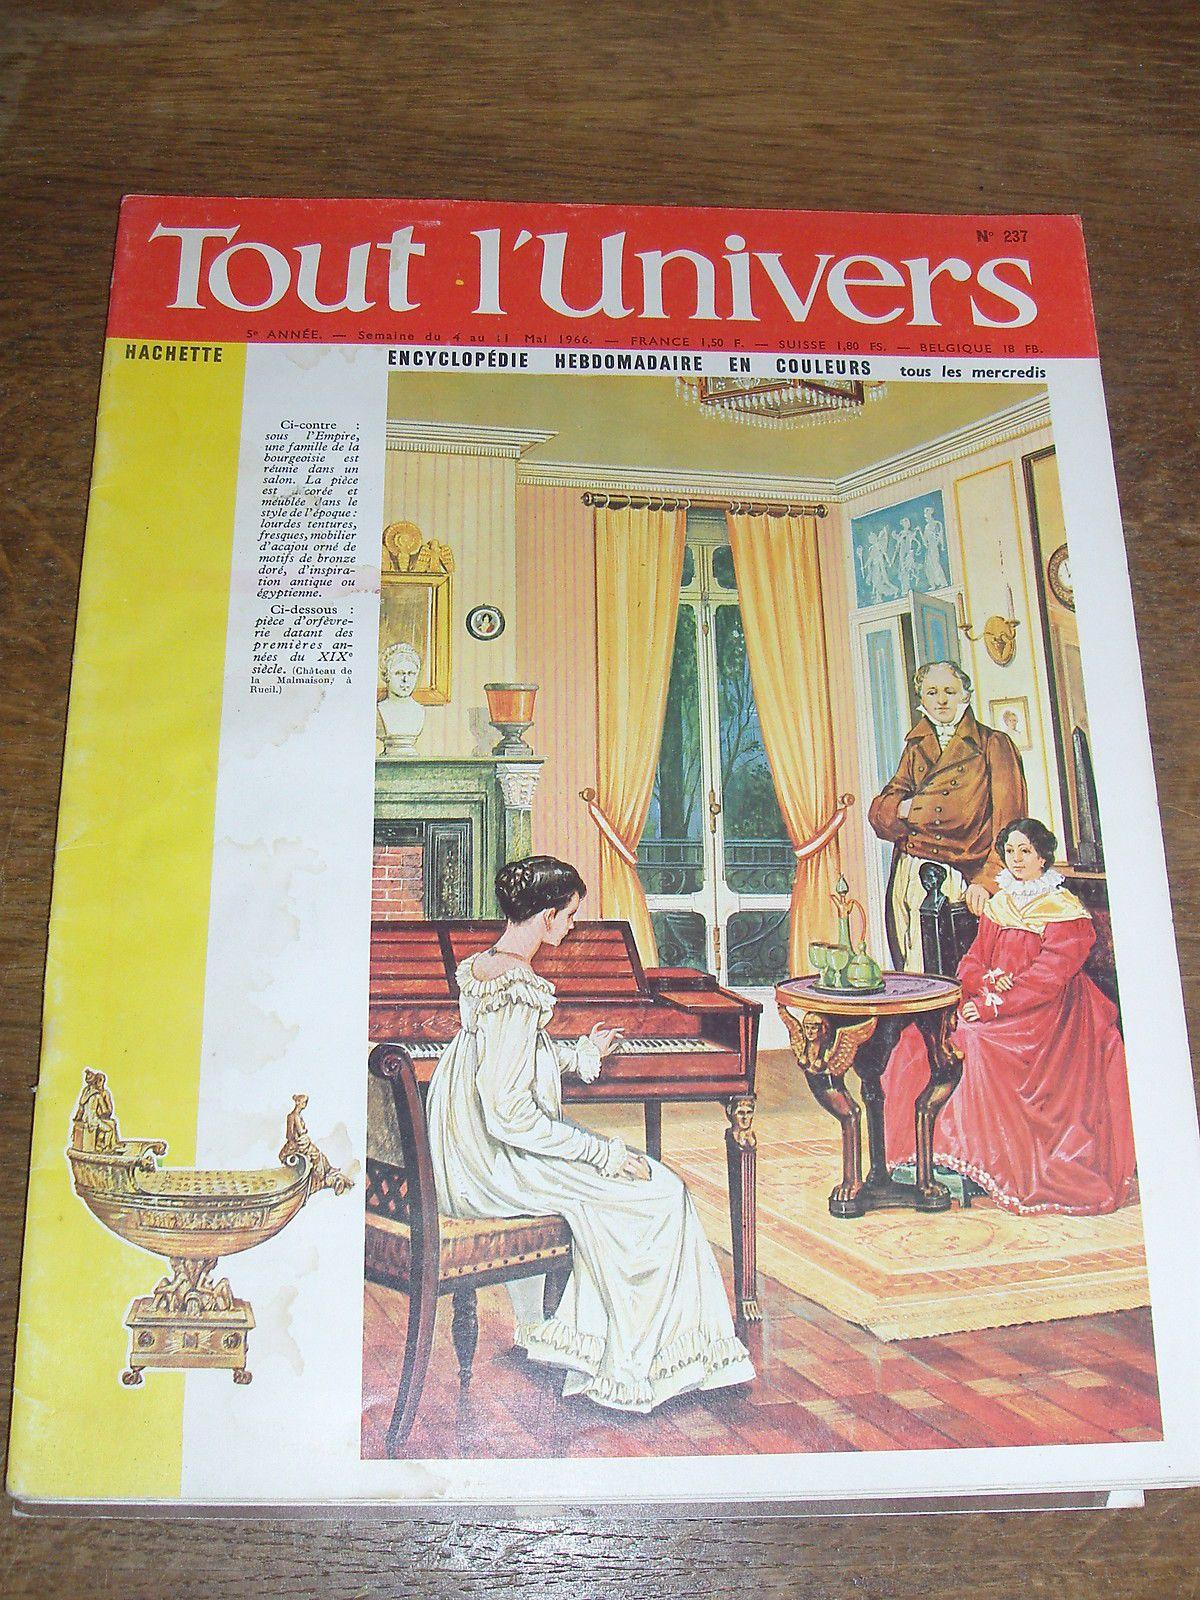 TOUT L'UNIVERS N°237 MAGASINE REVUE ENCYCLOPEDIE / HACHETTE in Livres, BD, revues, Revues, Histoire et politique | eBay